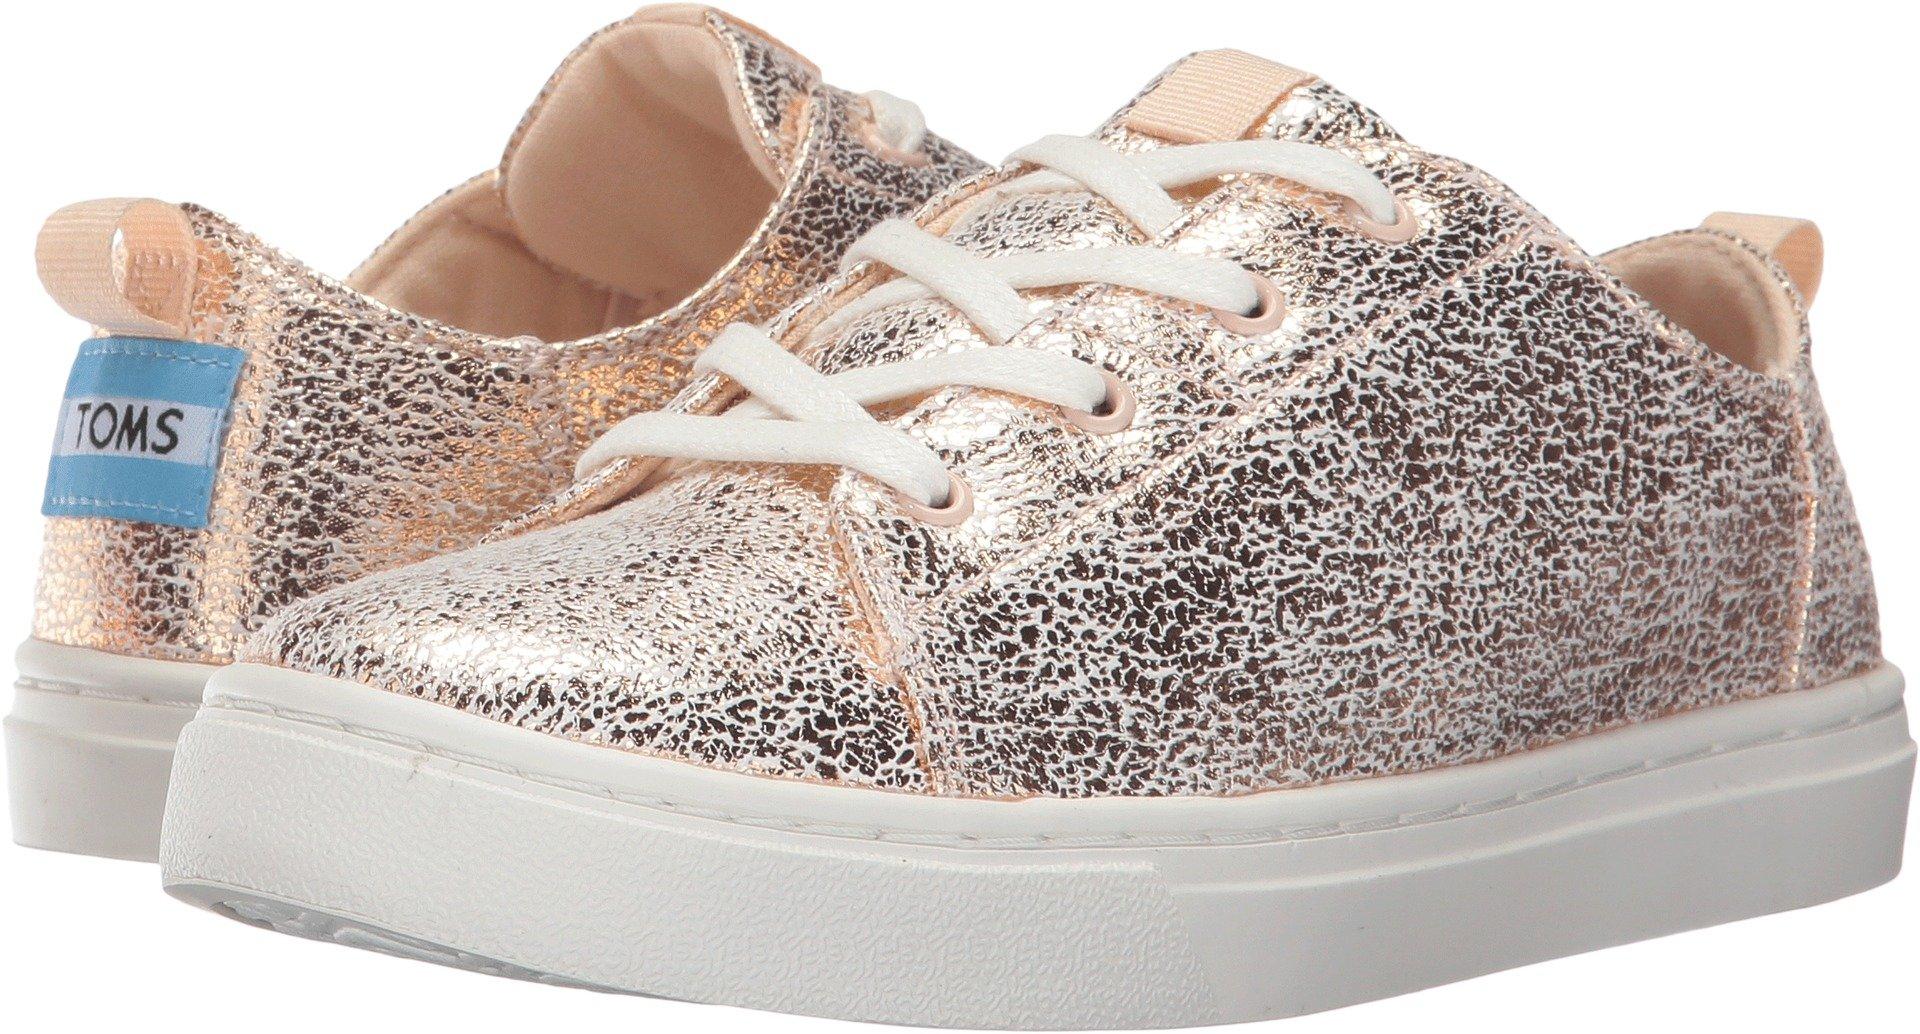 Toms Youth Lenny Novelty Textile Sneaker, Size: 13.5 M US Little Kid, Color: Rose Gold Crackle Foil